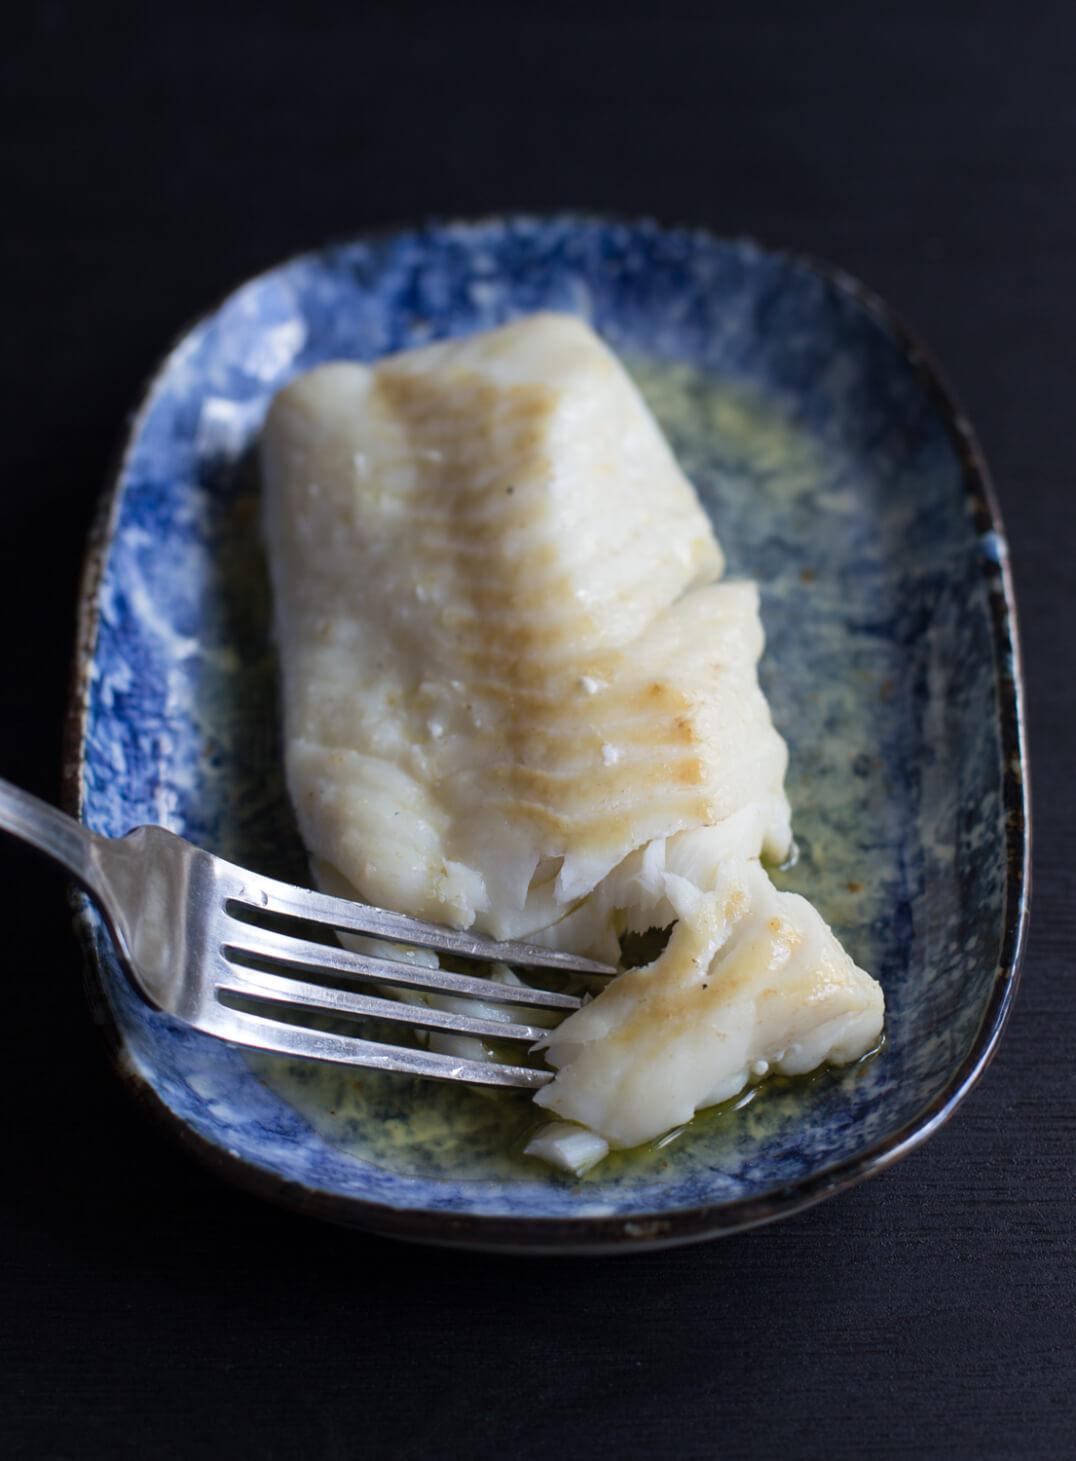 Torsk Scandinavian Poached Cod Recipe